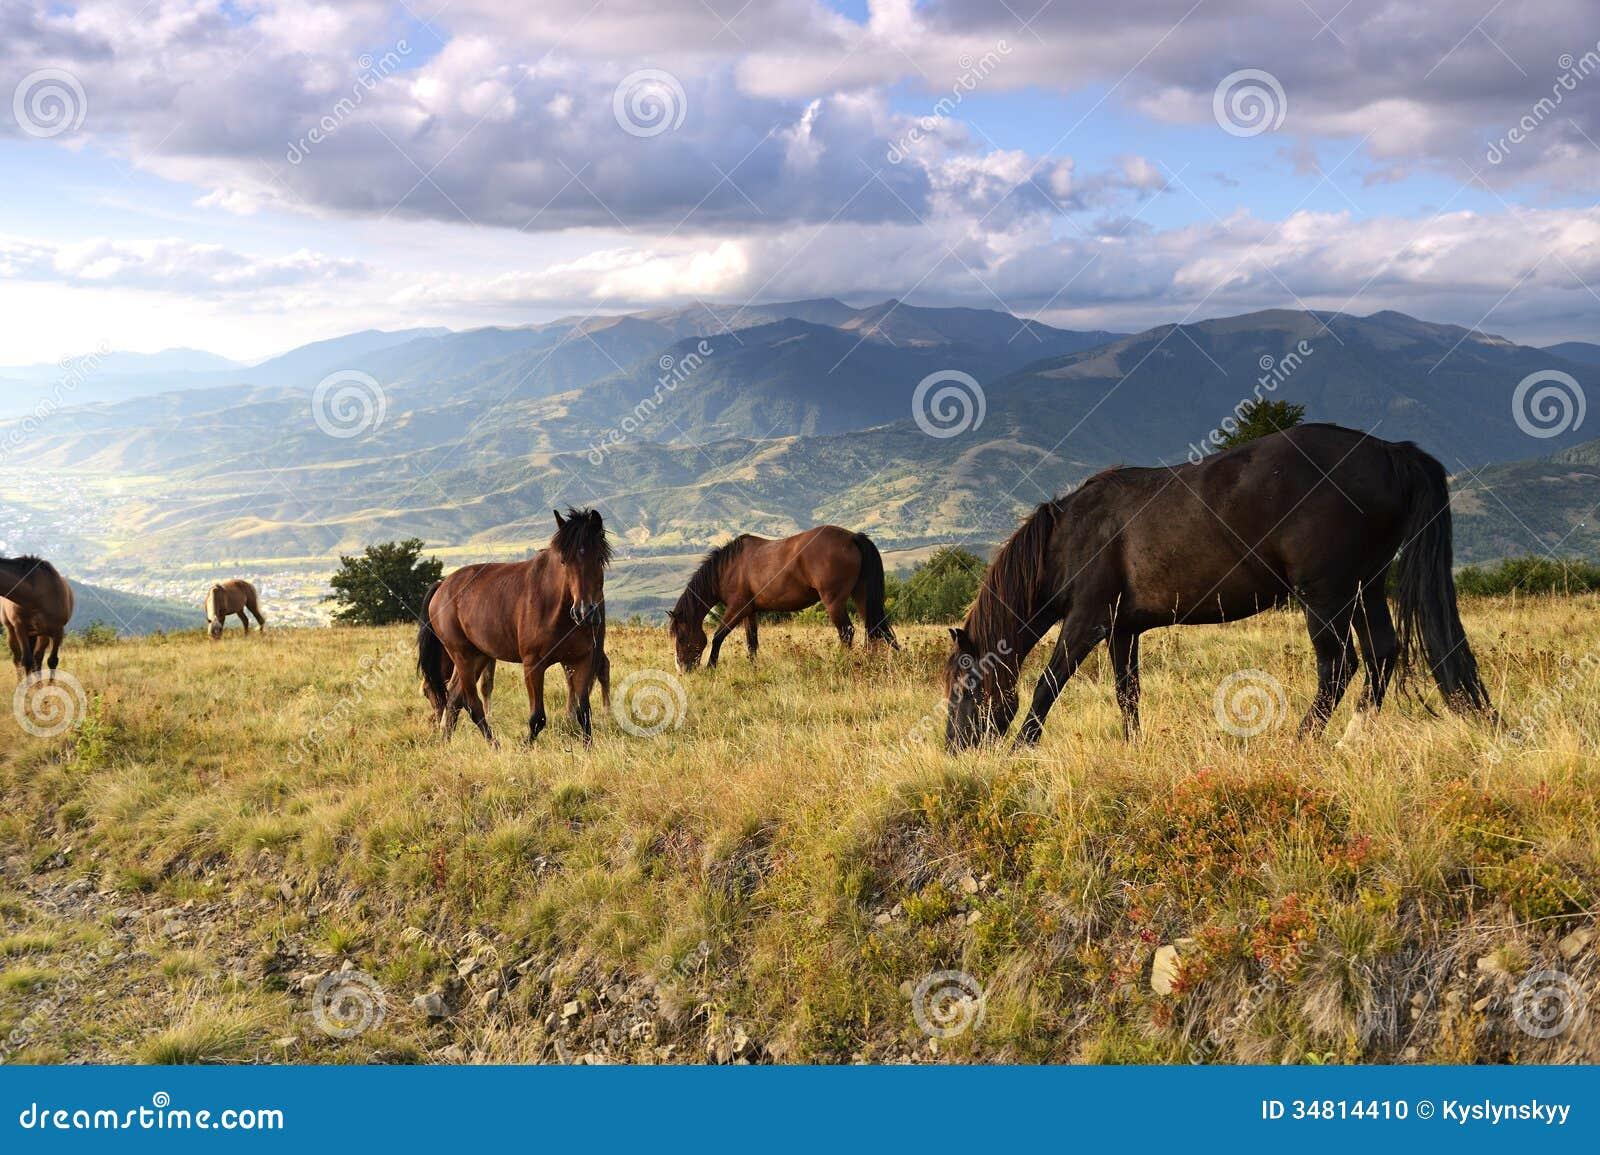 Horse Stock Pho...